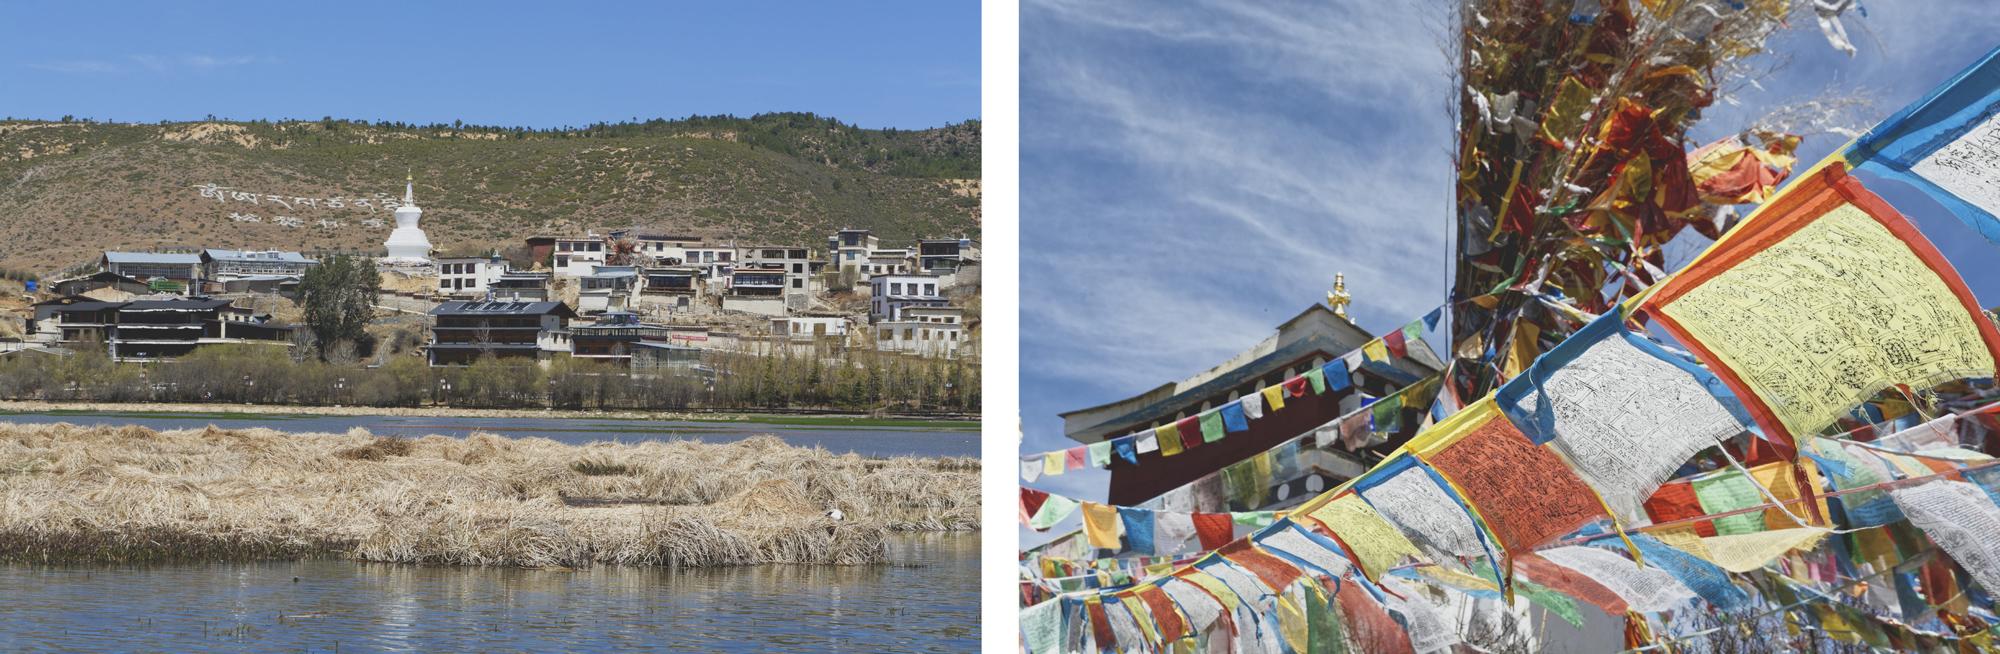 Aux alentours du monastère de Songzanlin à Shangri-La